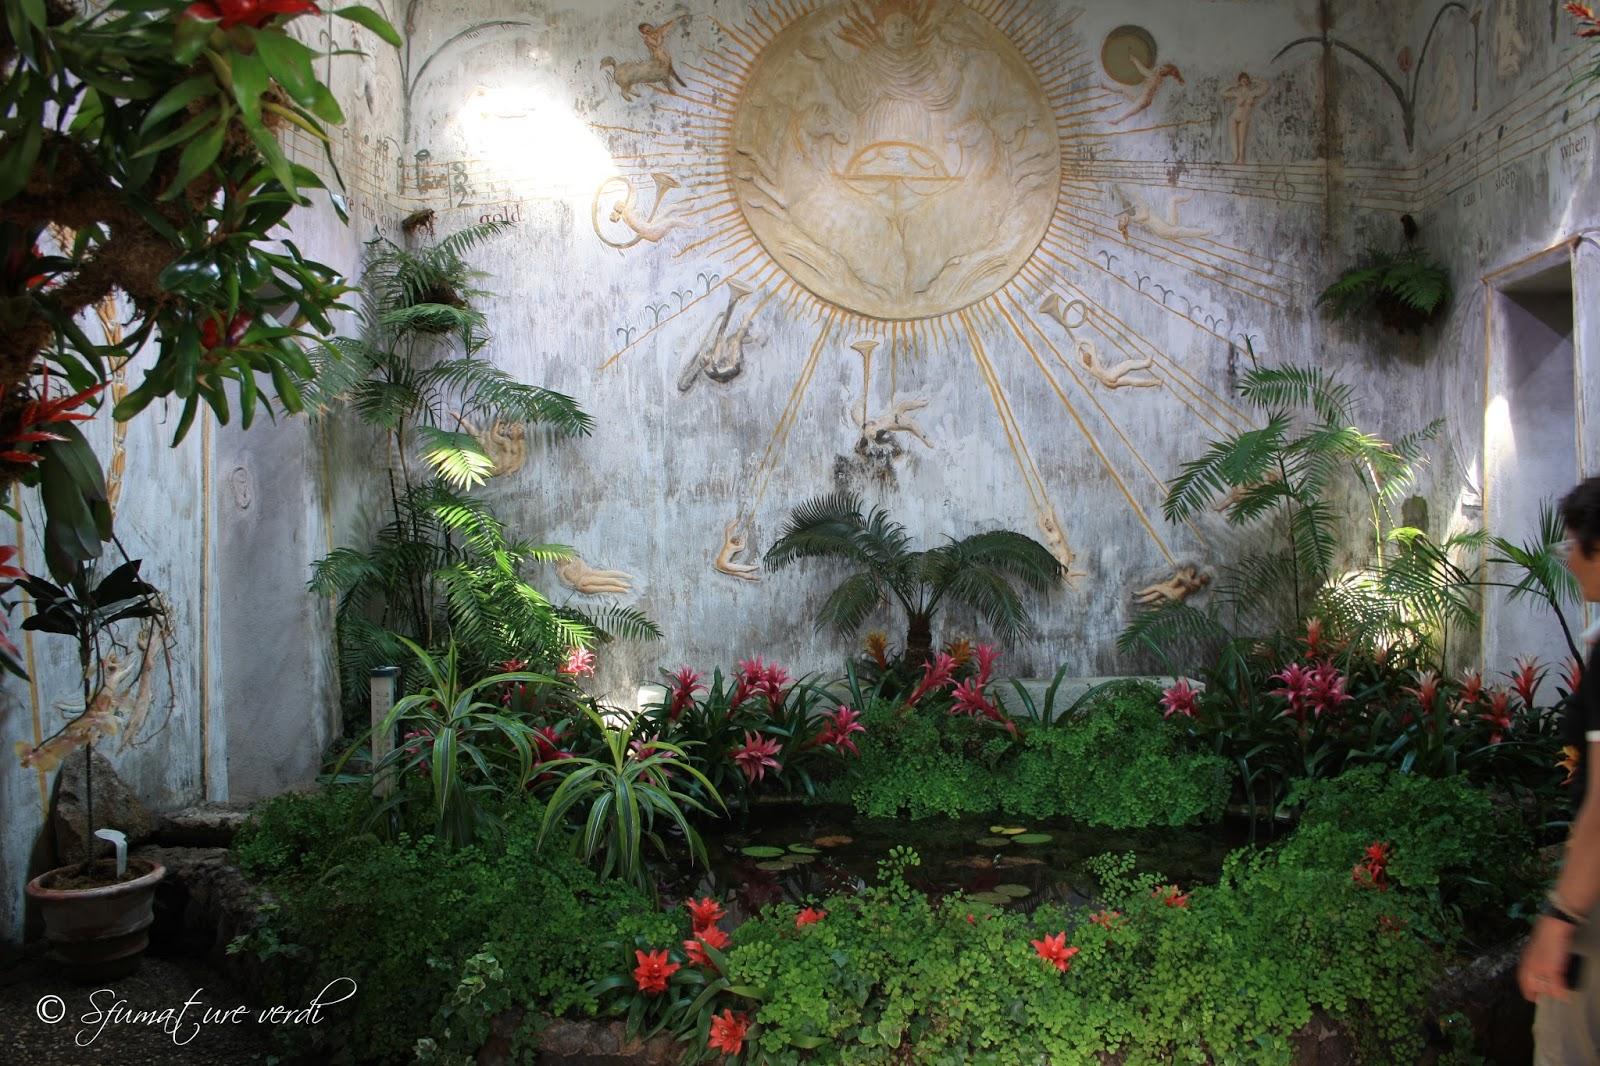 Giardini la mortella sfumature verdi - Giardino la mortella ...